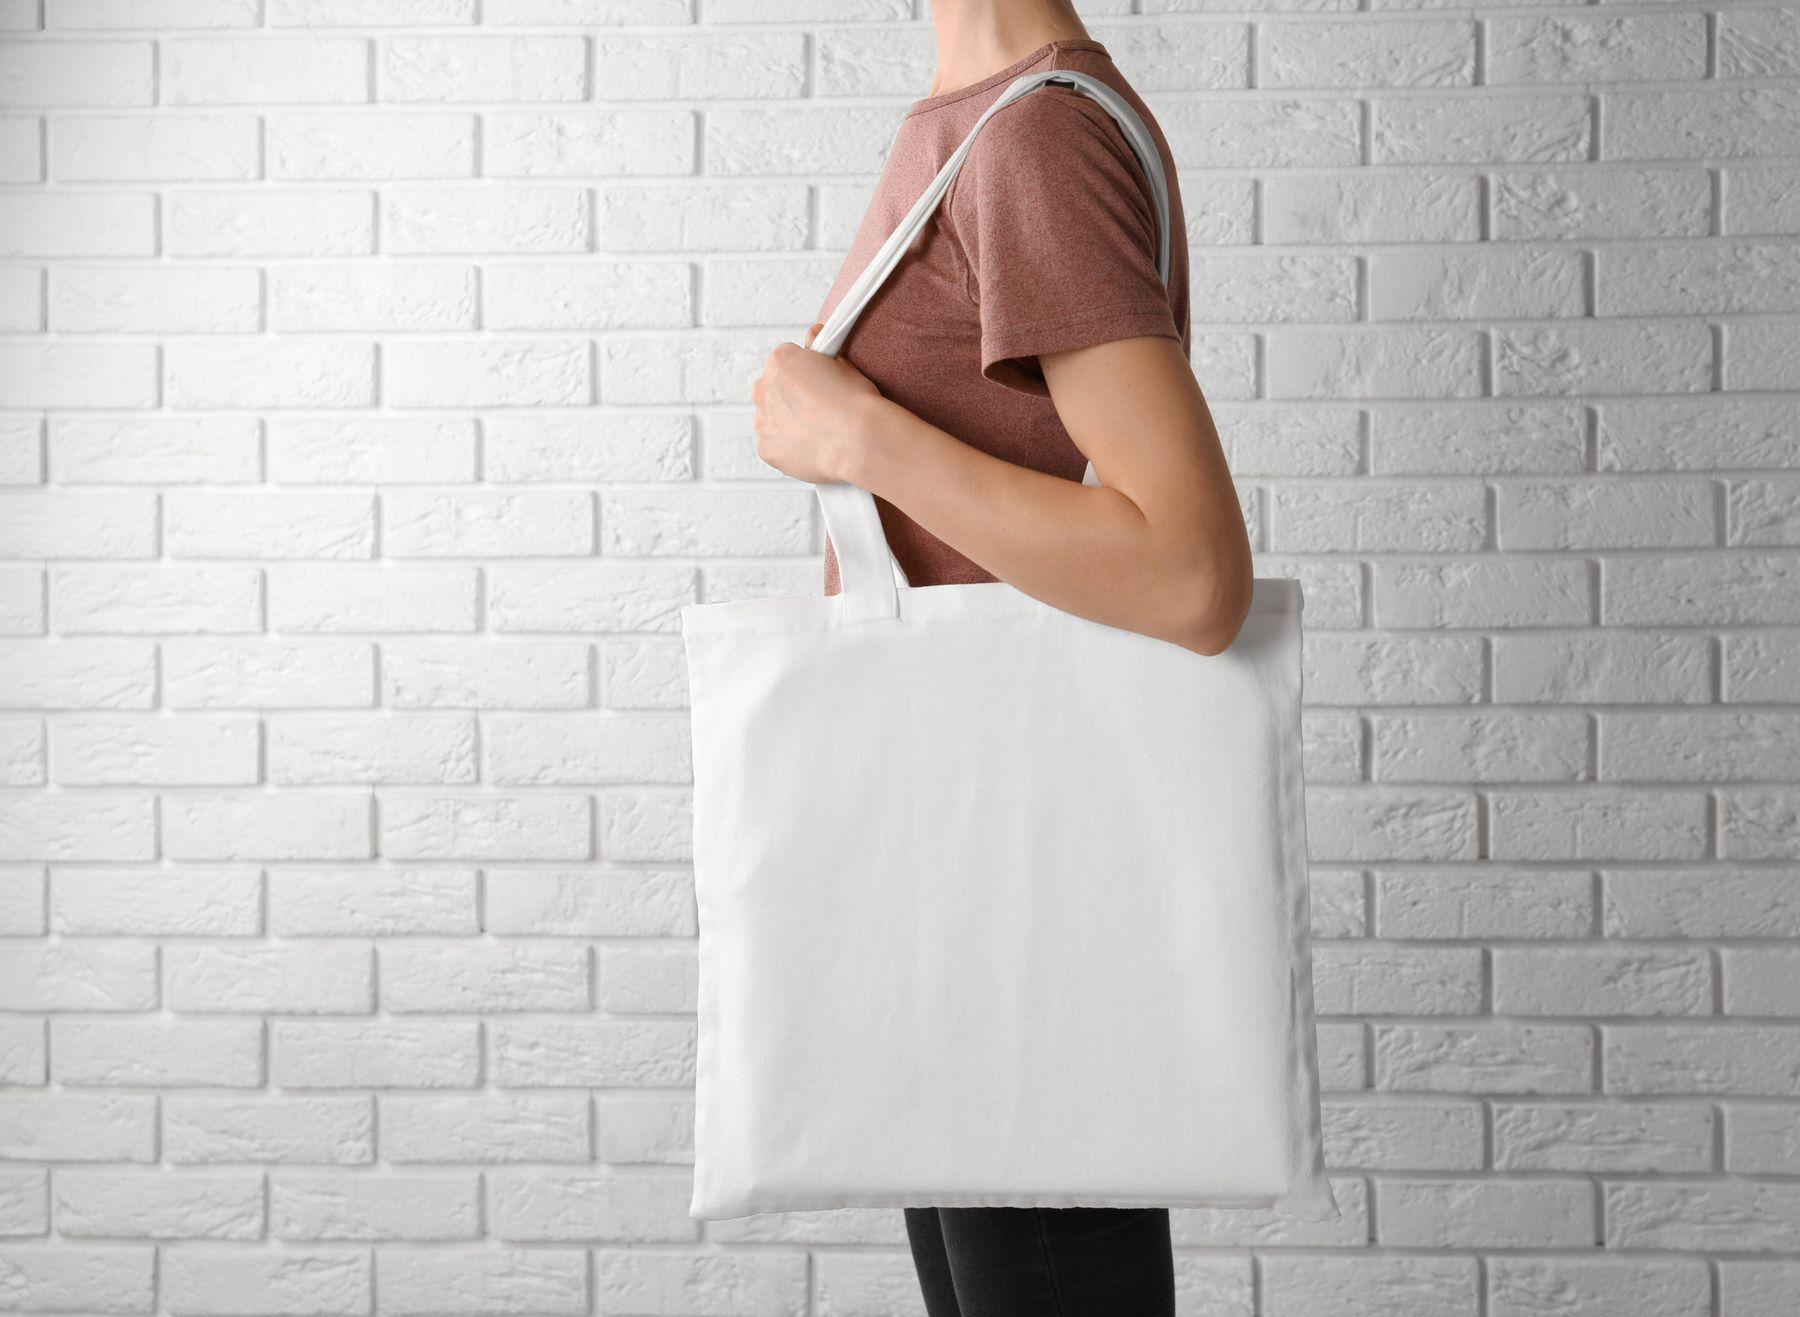 cloth bags plastic bags are a big no